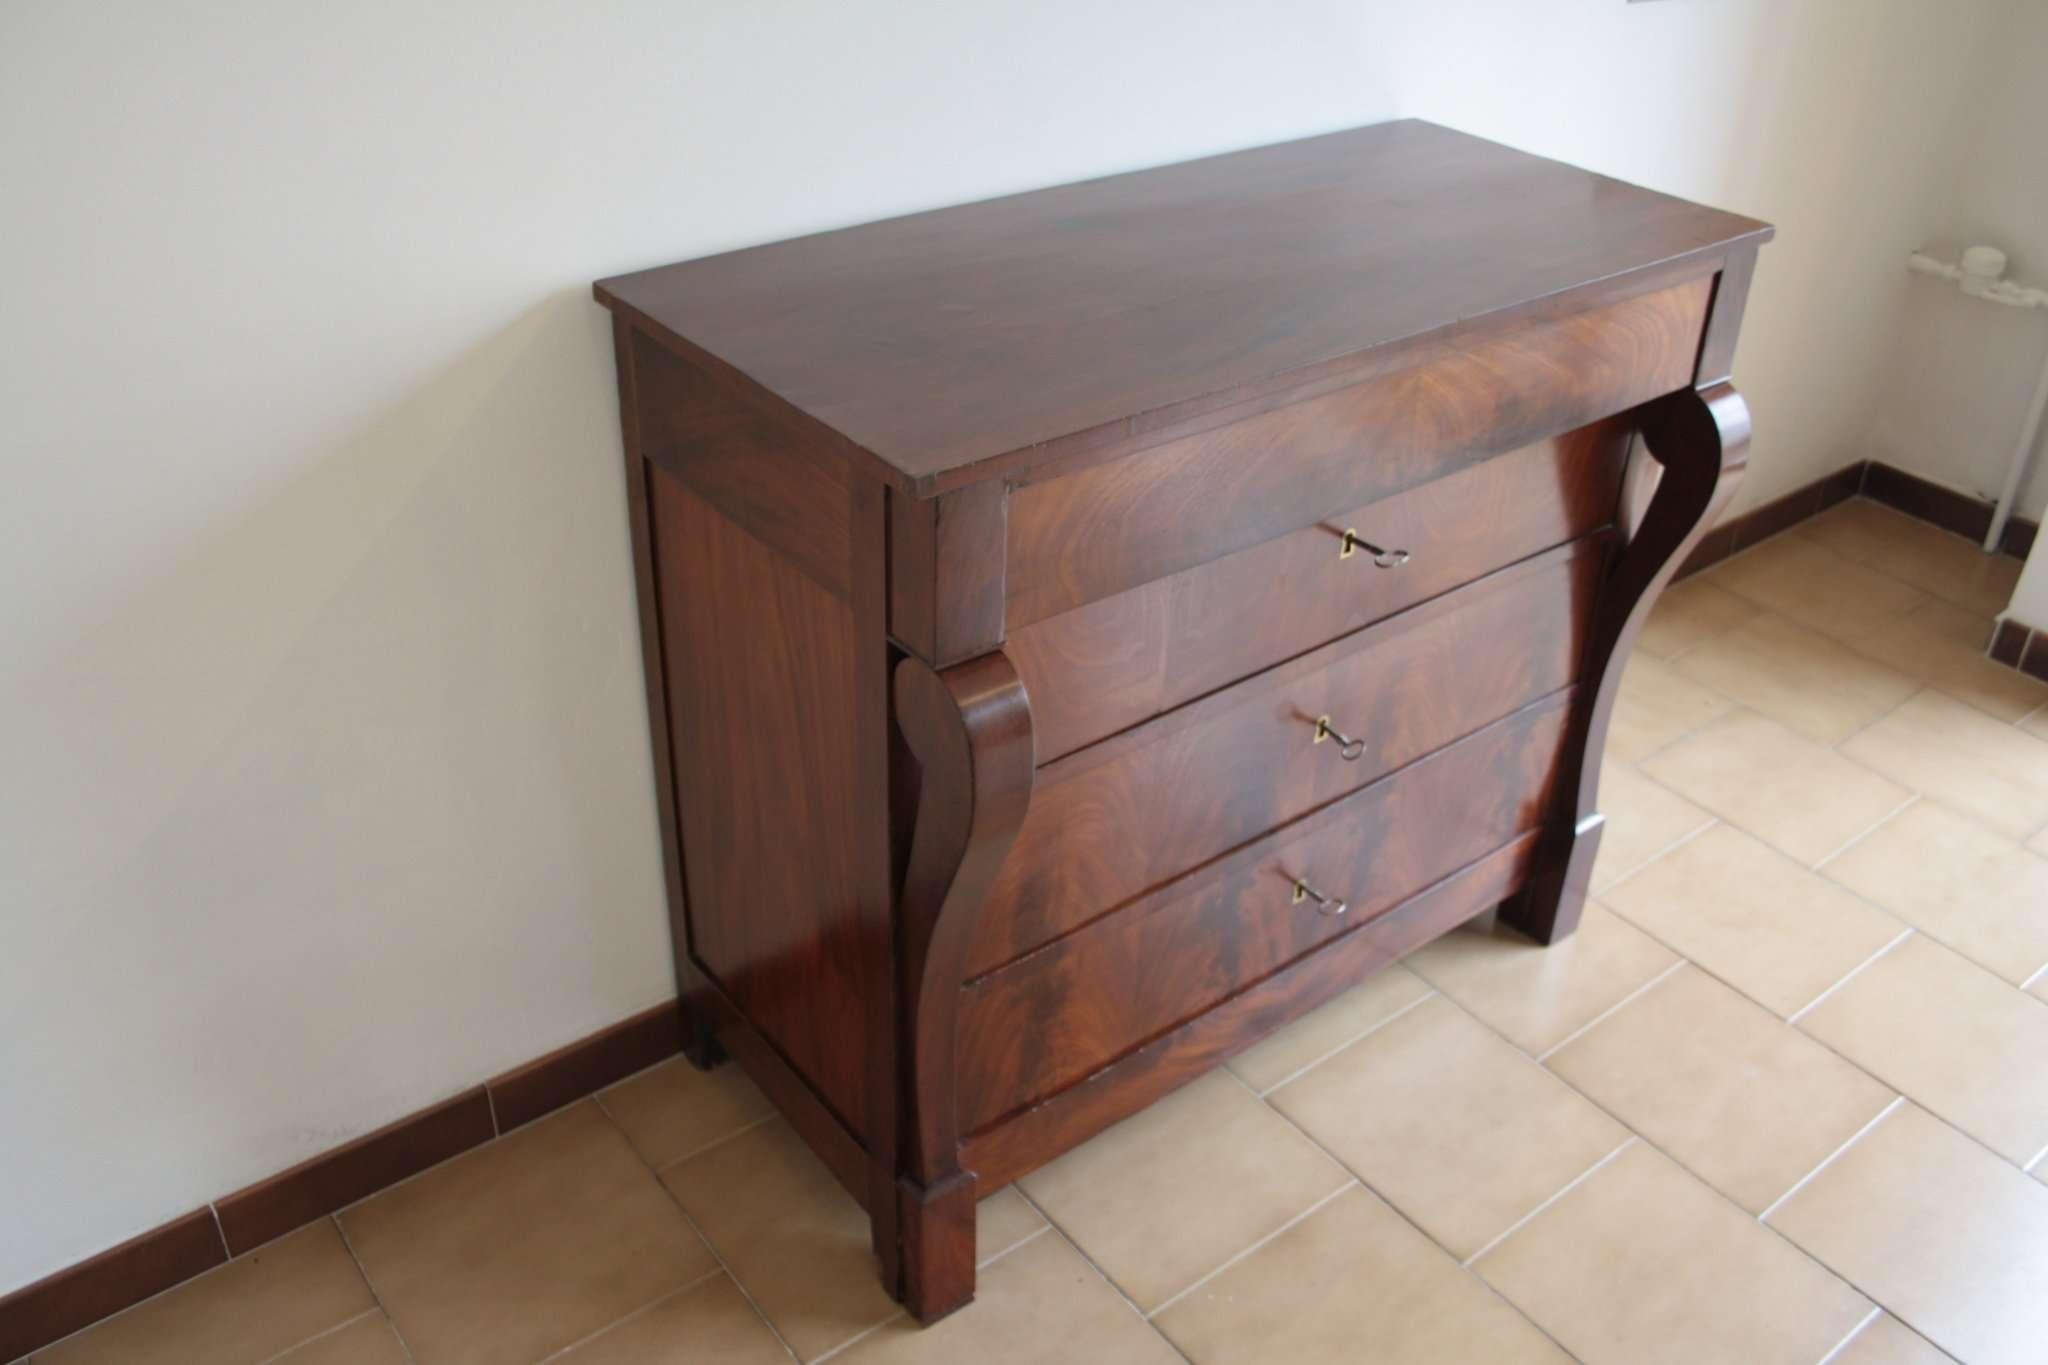 dresser dans le style second empire d but du xxe si cle du nord italy. Black Bedroom Furniture Sets. Home Design Ideas